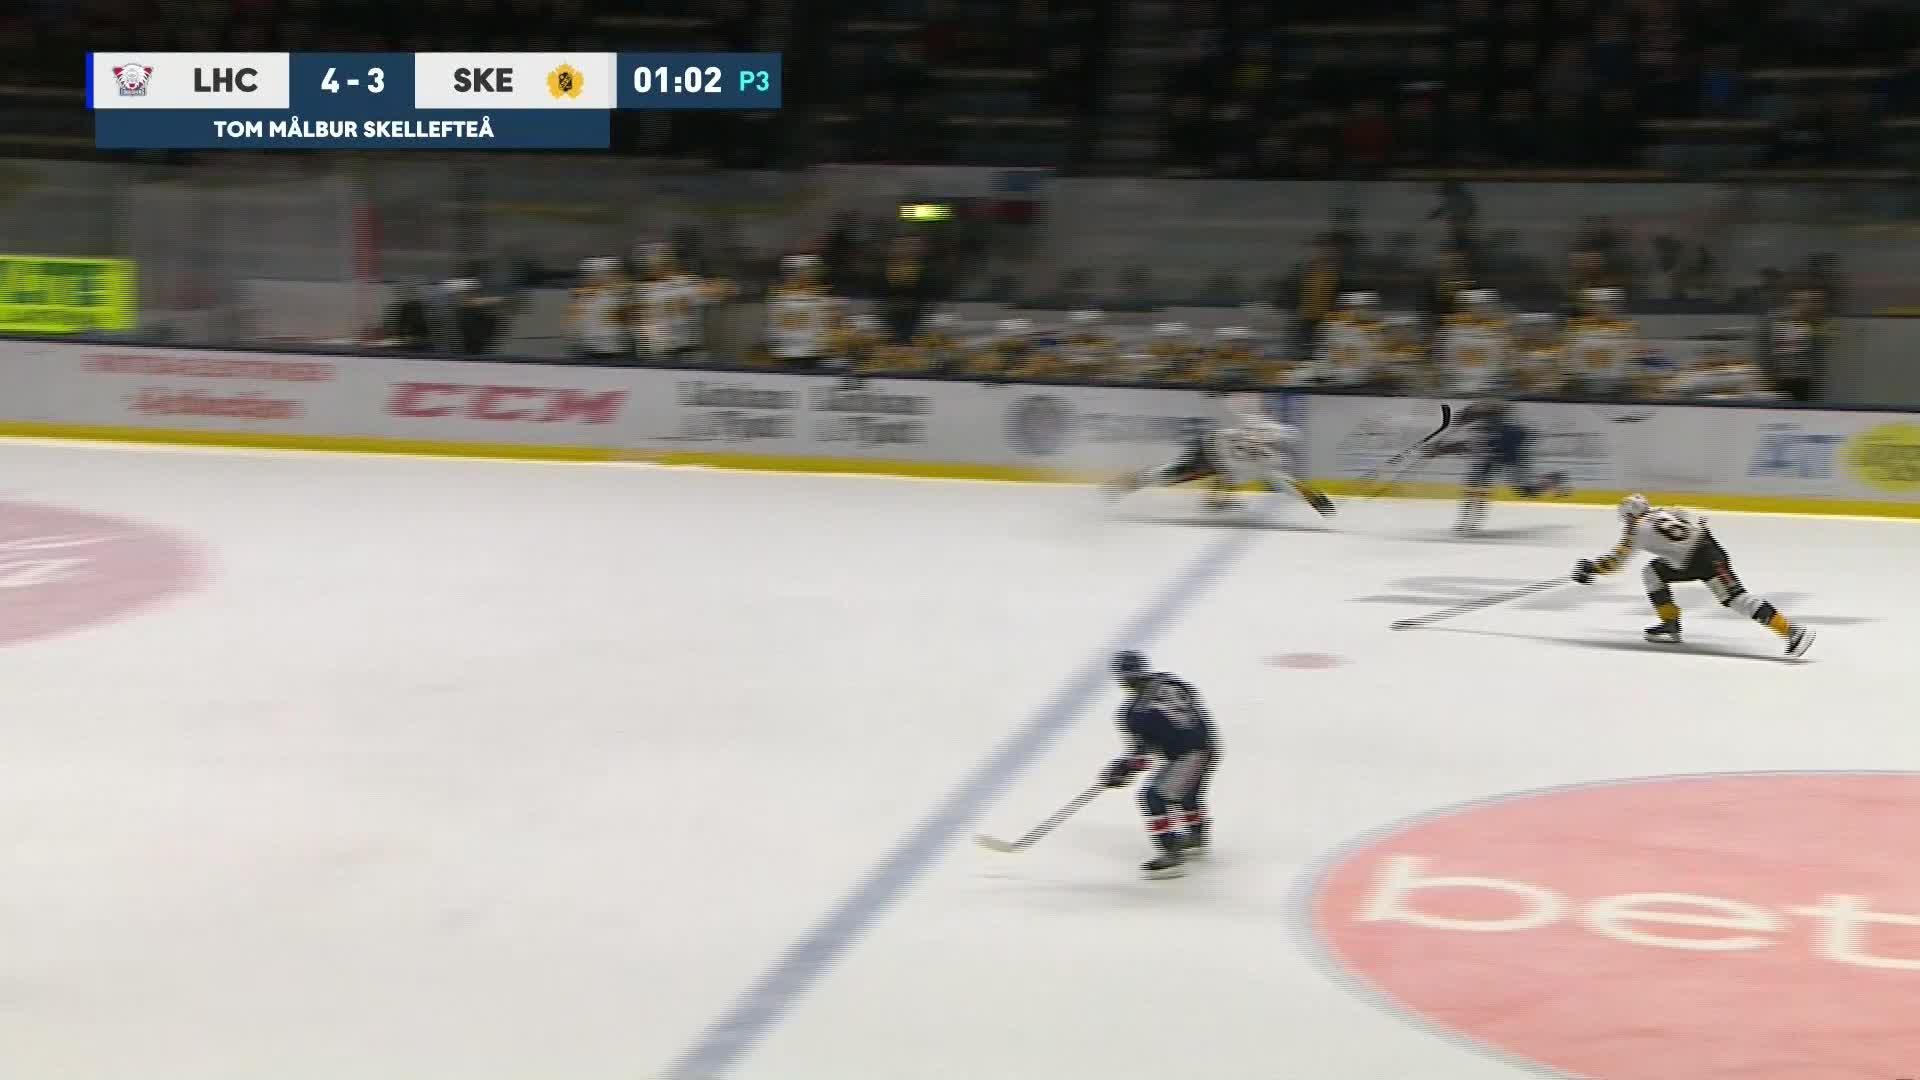 Linköping HC - Skellefteå AIK 5-3